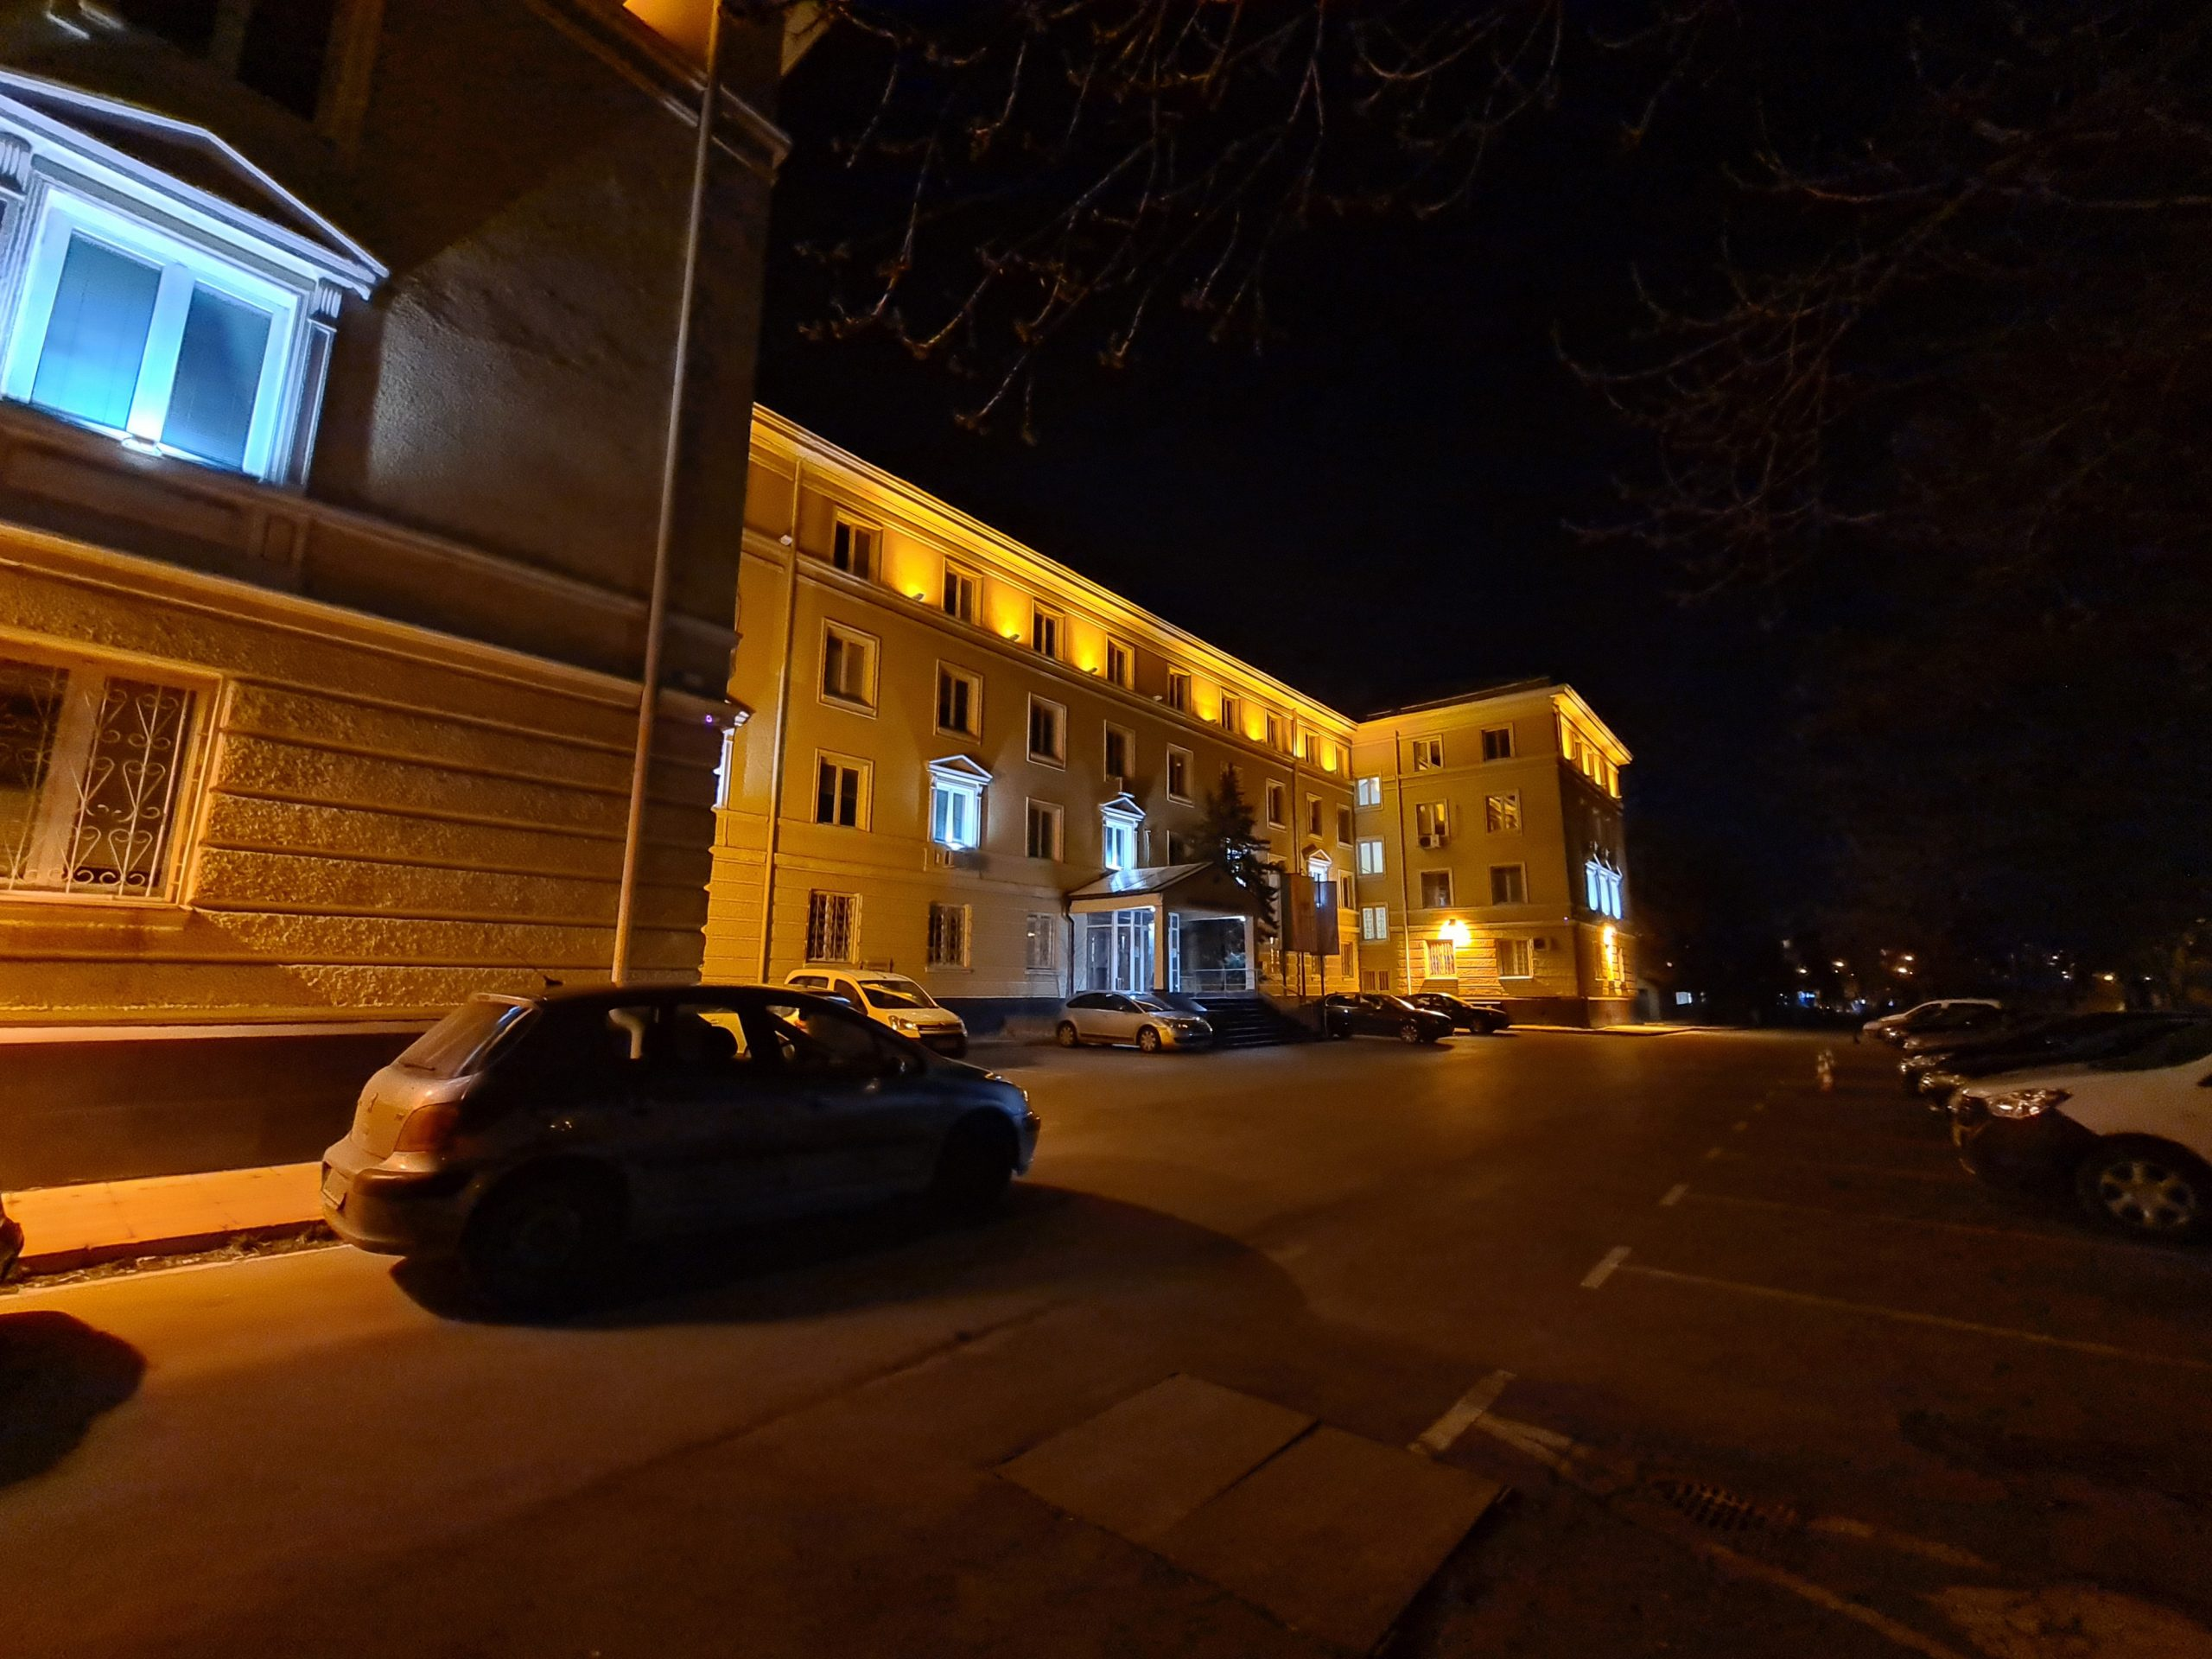 دوربین اصلی در شب با night mode 4 scaled